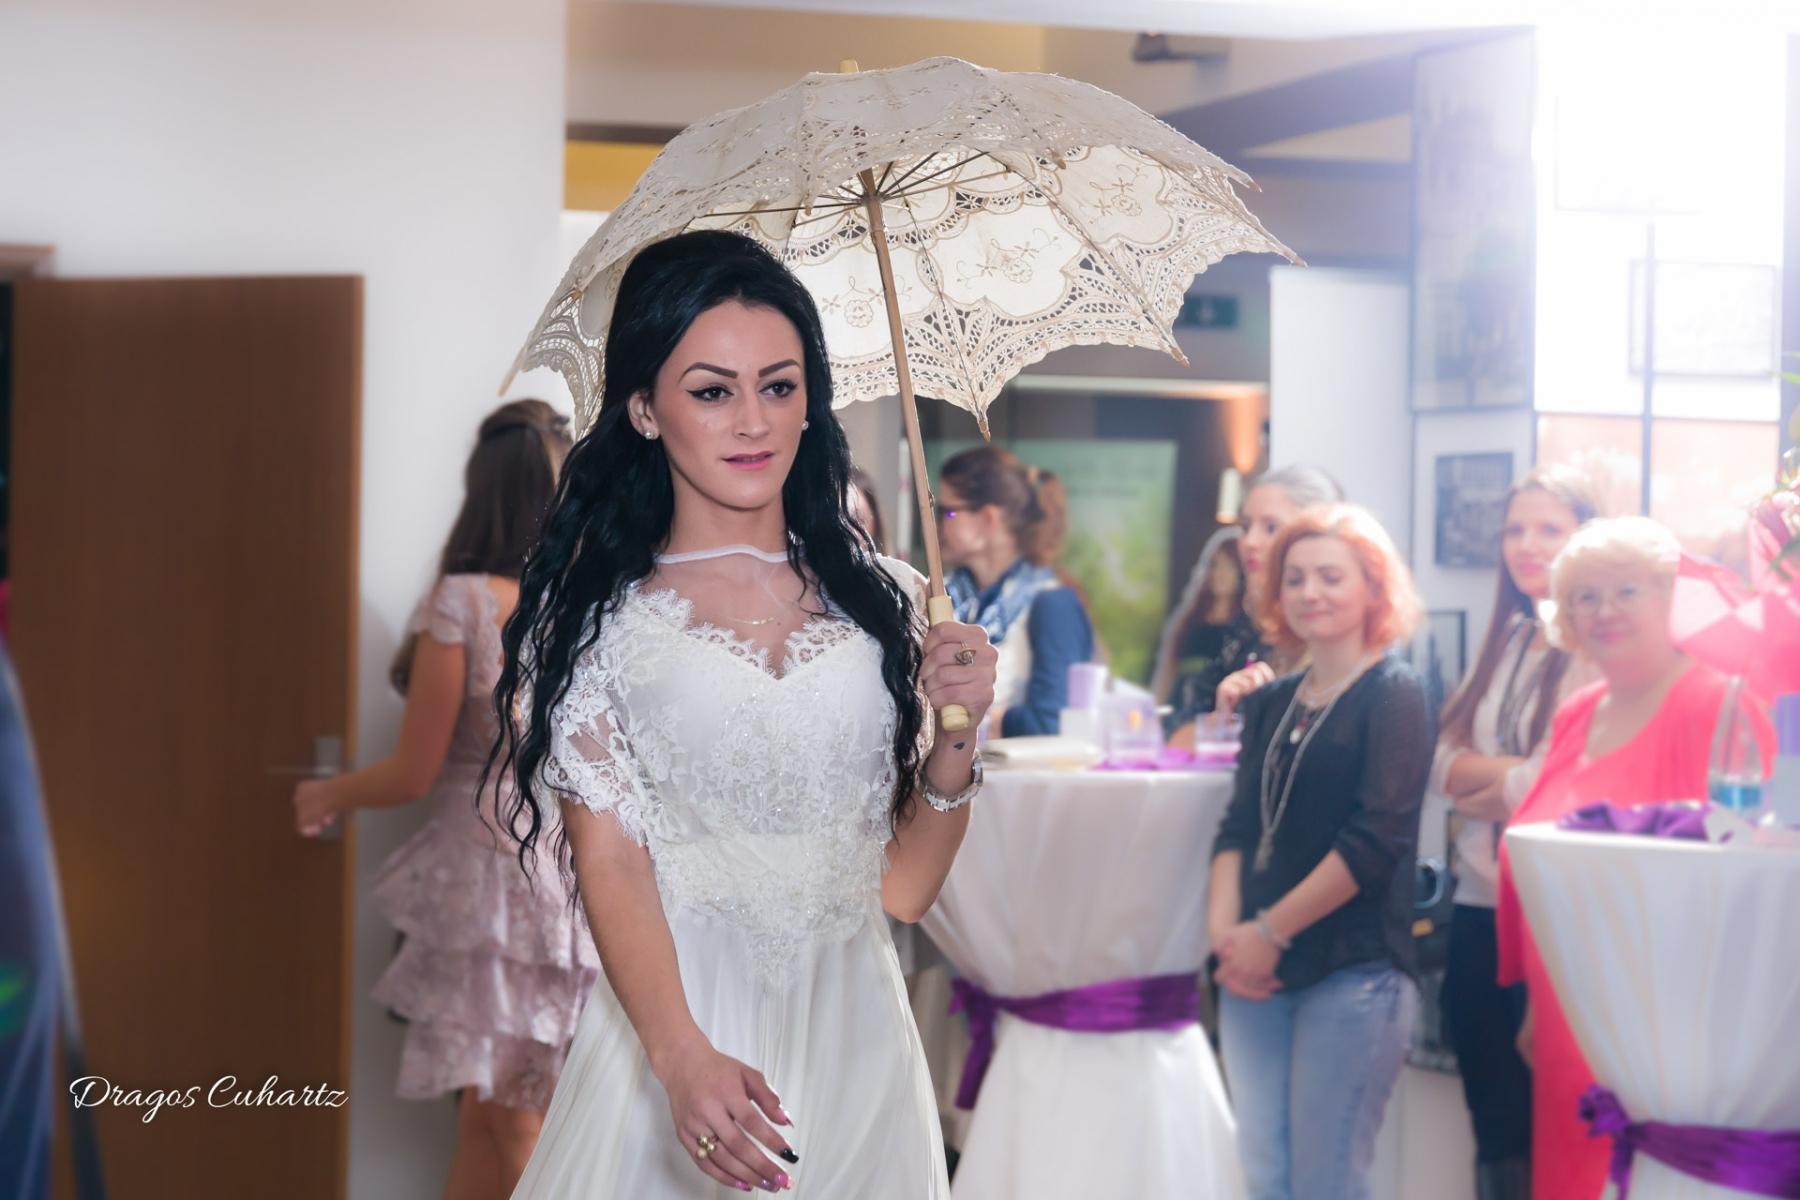 dragos-fotograf-prezentare-fmwg027